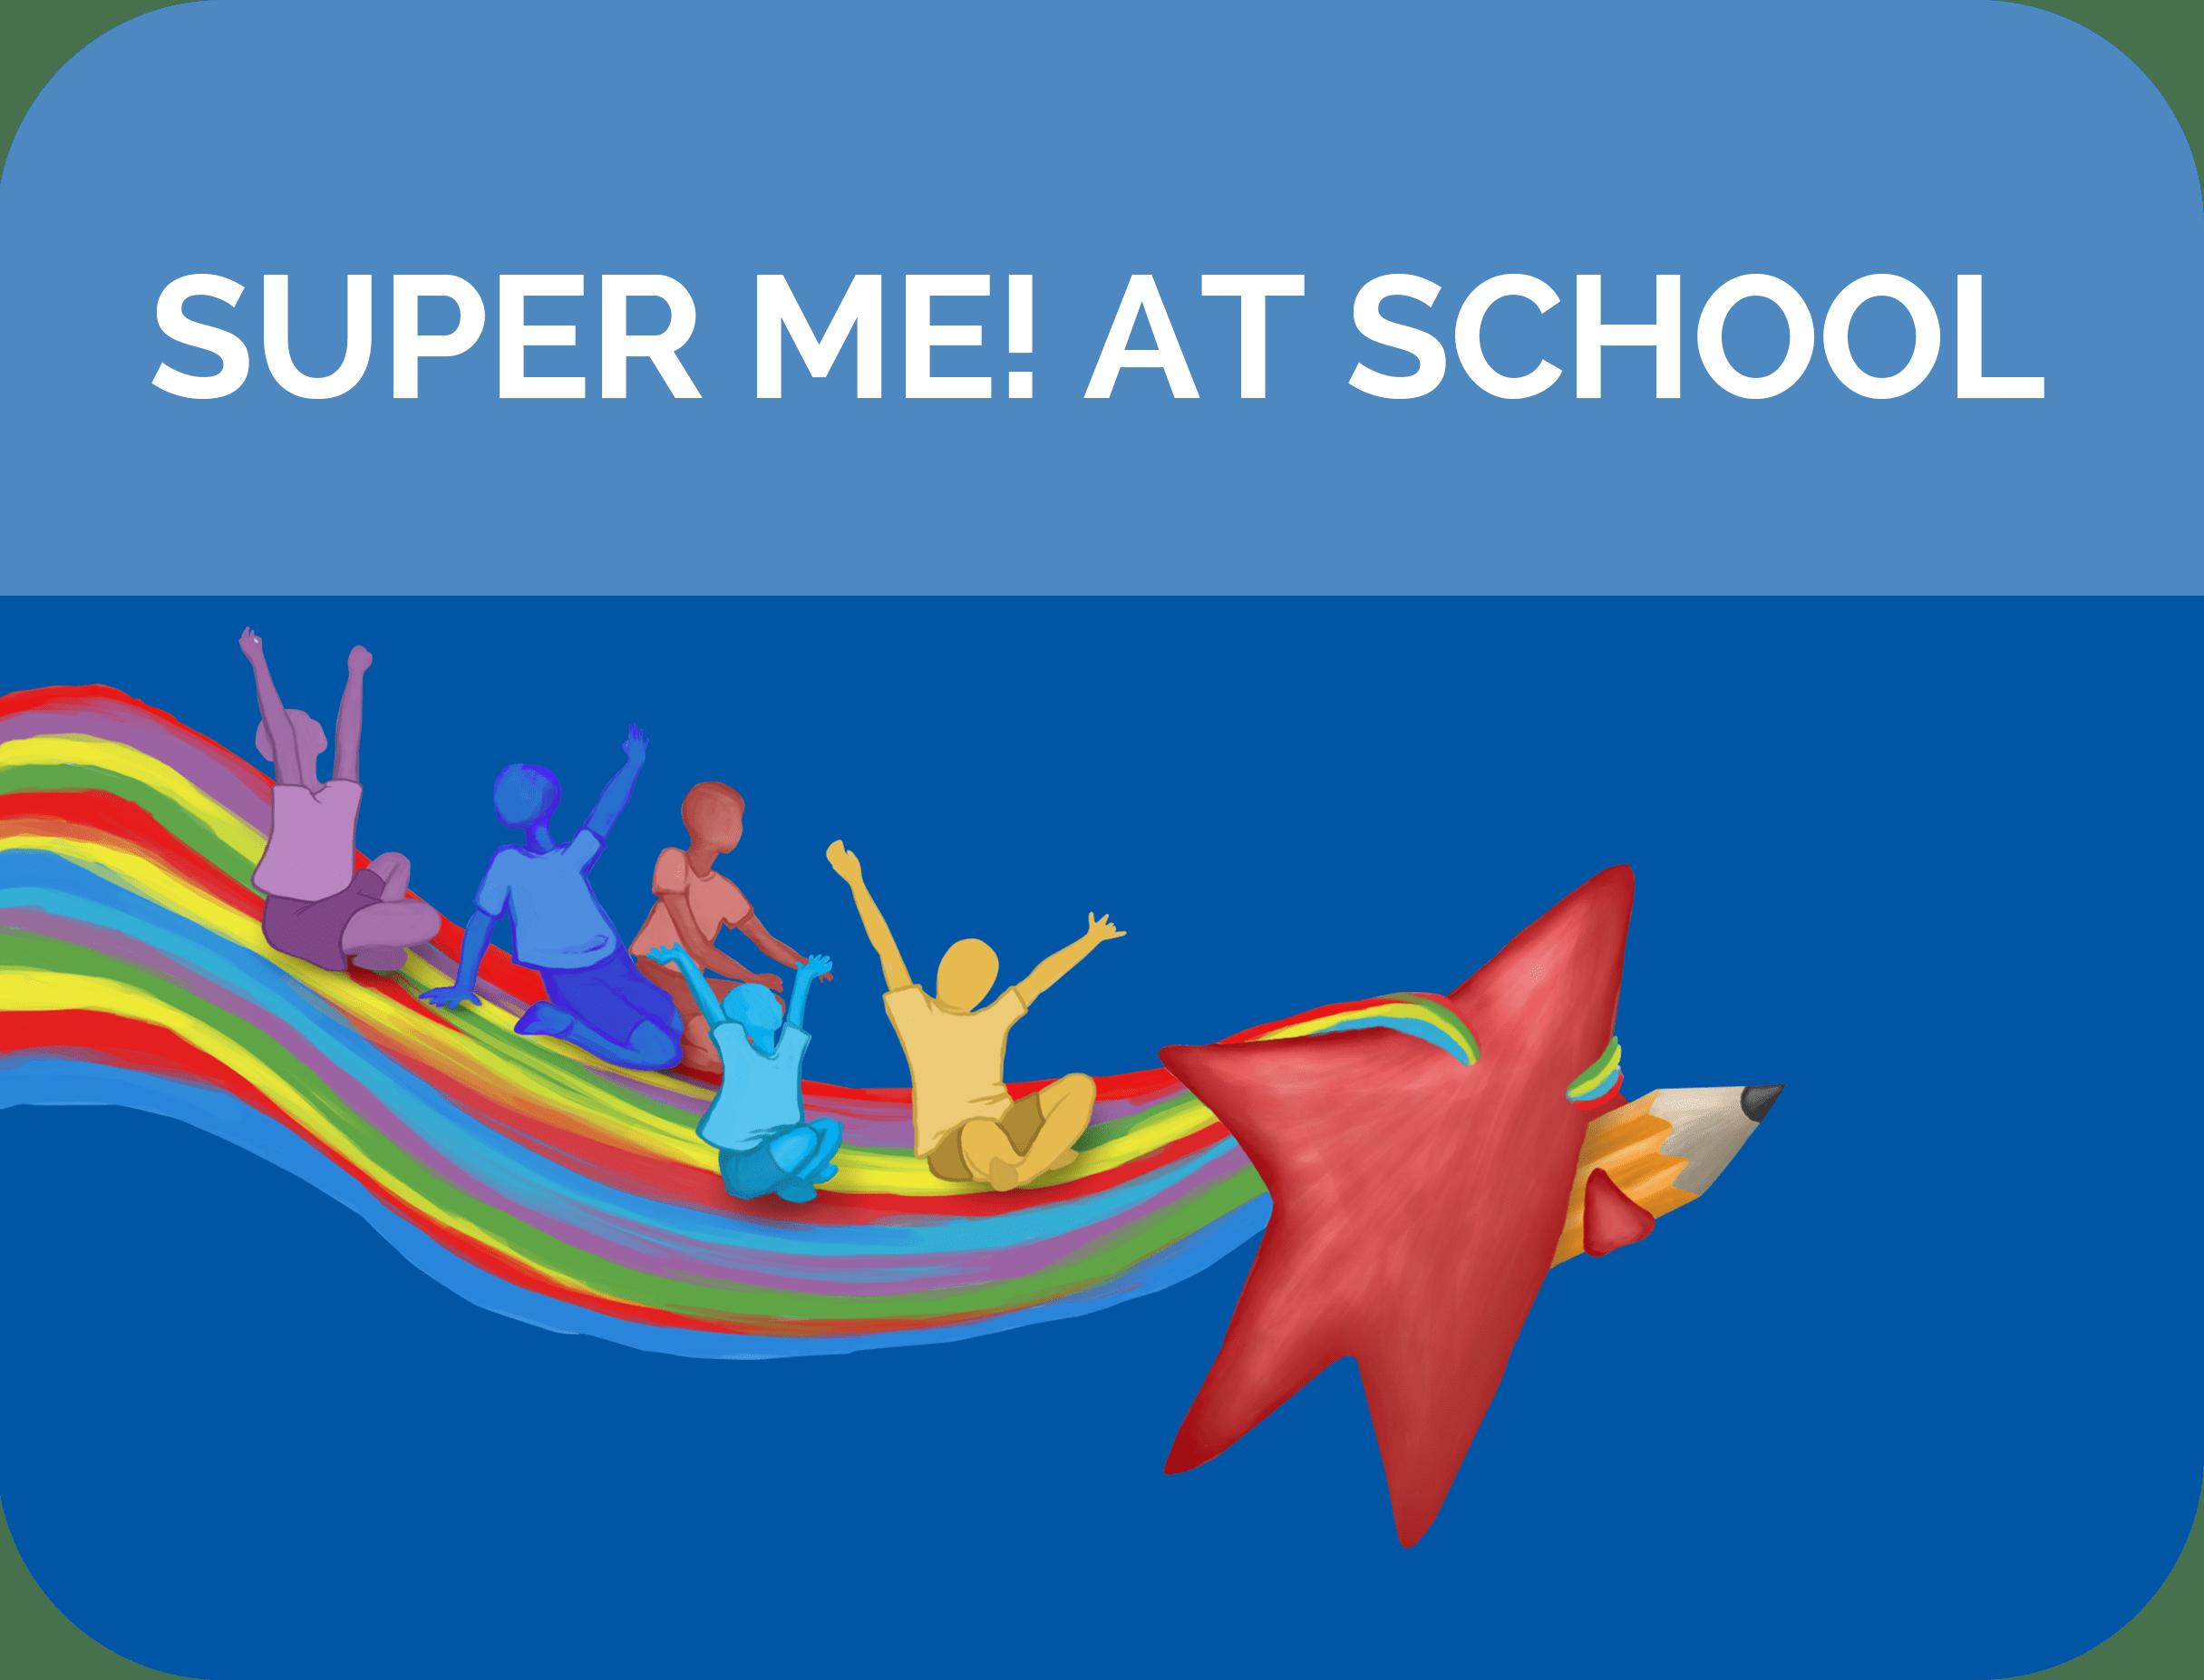 Super me! at School